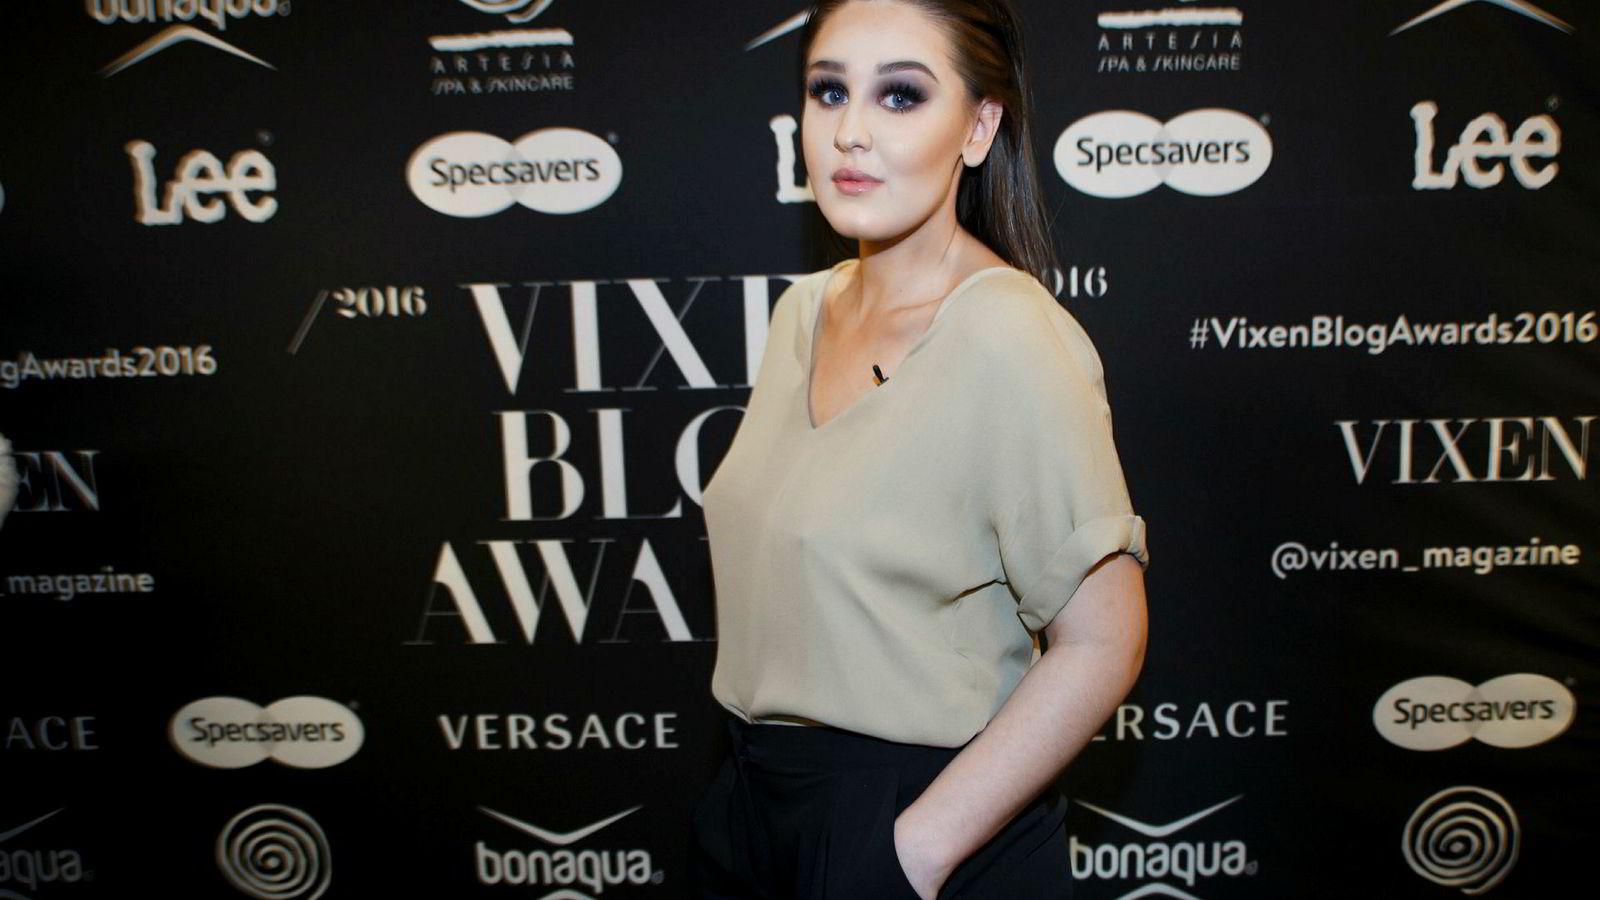 Blogger Anna Rasmussen avbildet på Vixen Blog Awards i 2016.